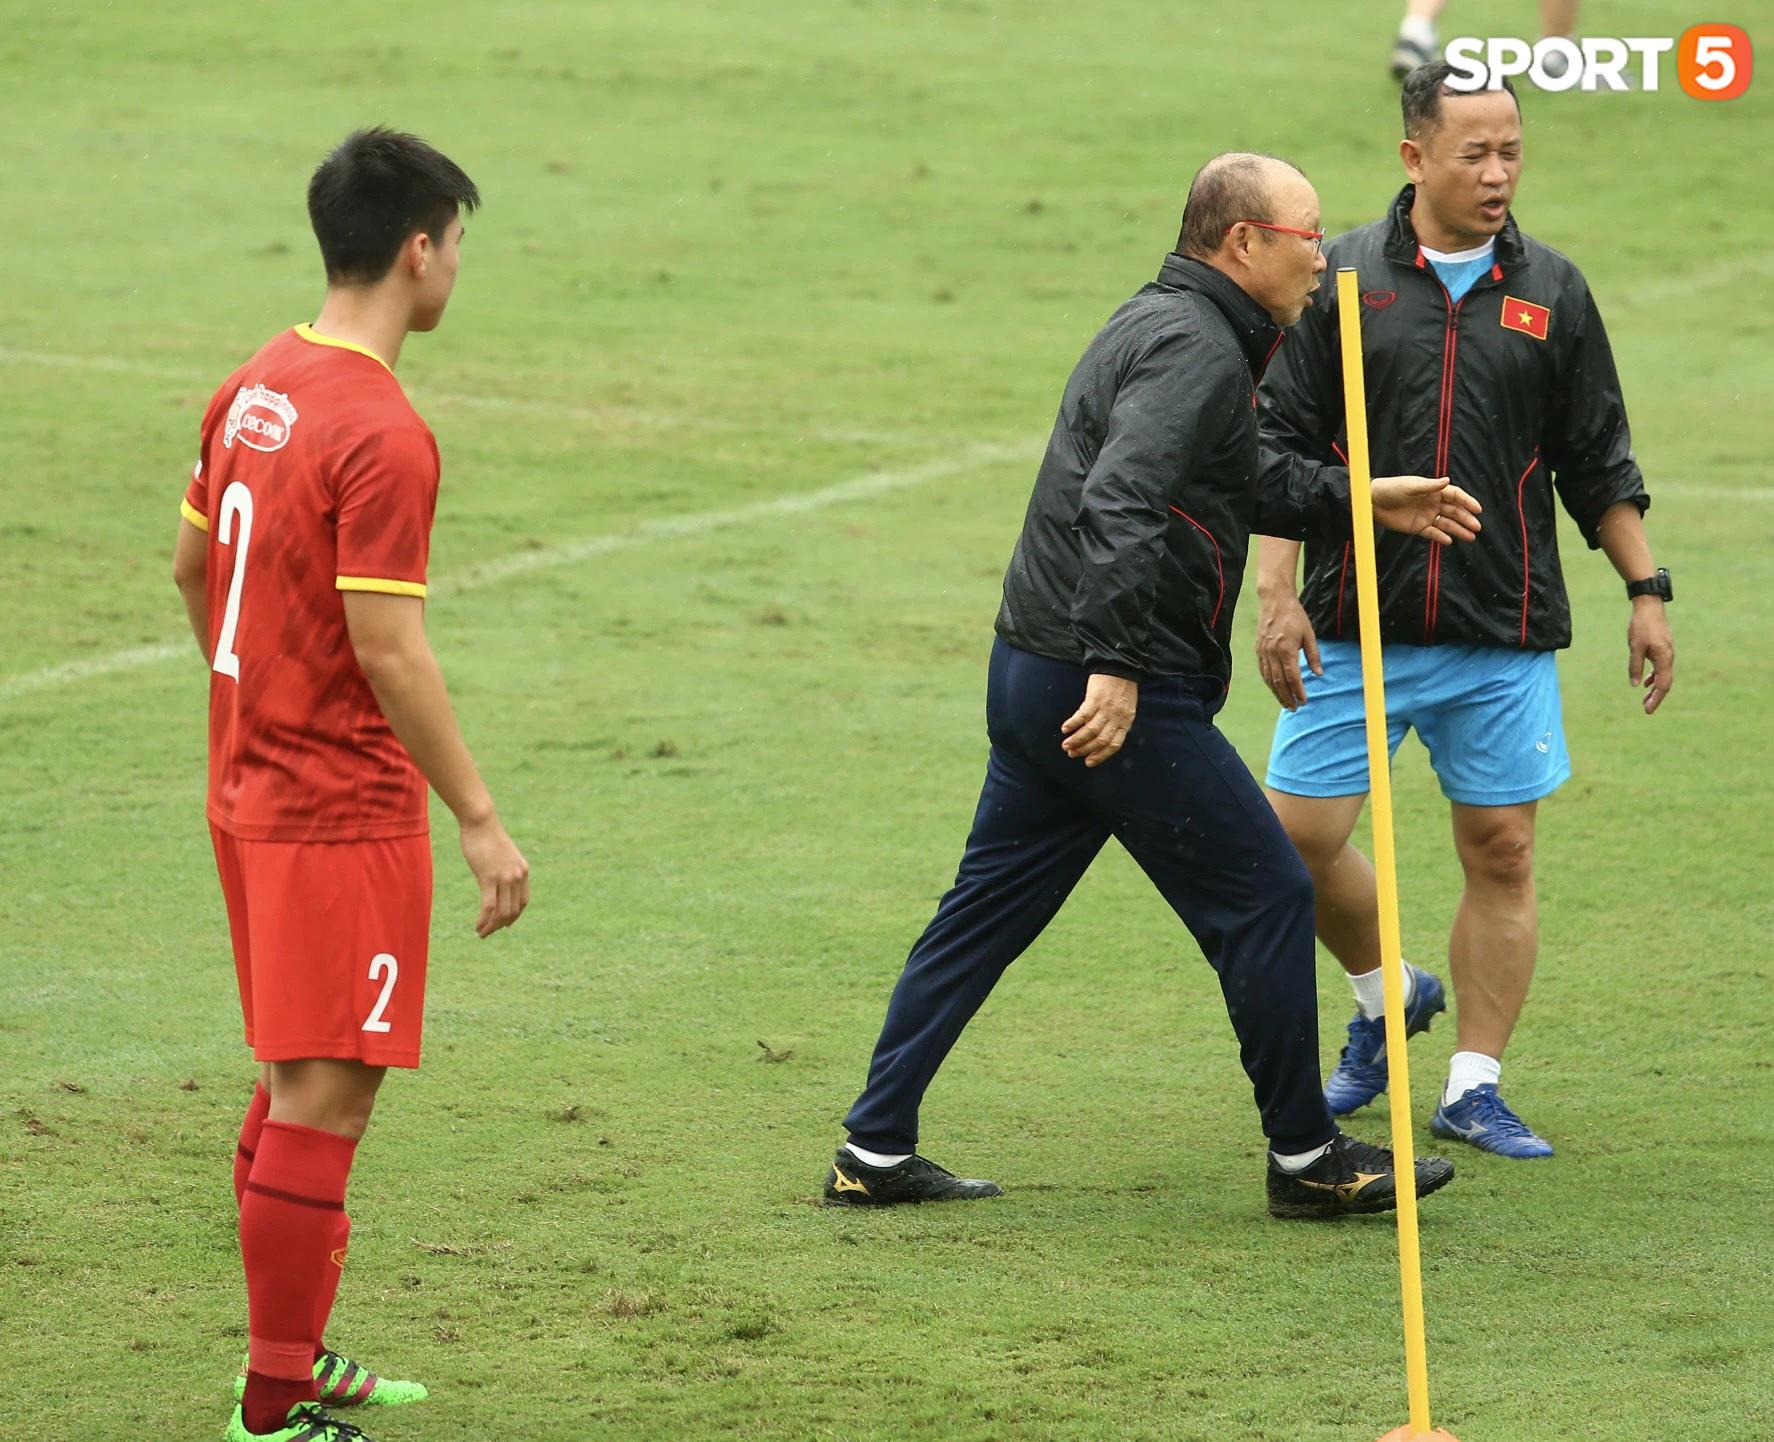 Bực vì học trò không thực hiện đúng, HLV Park Hang-seo trực tiếp thị phạm chuyền bóng - Ảnh 8.